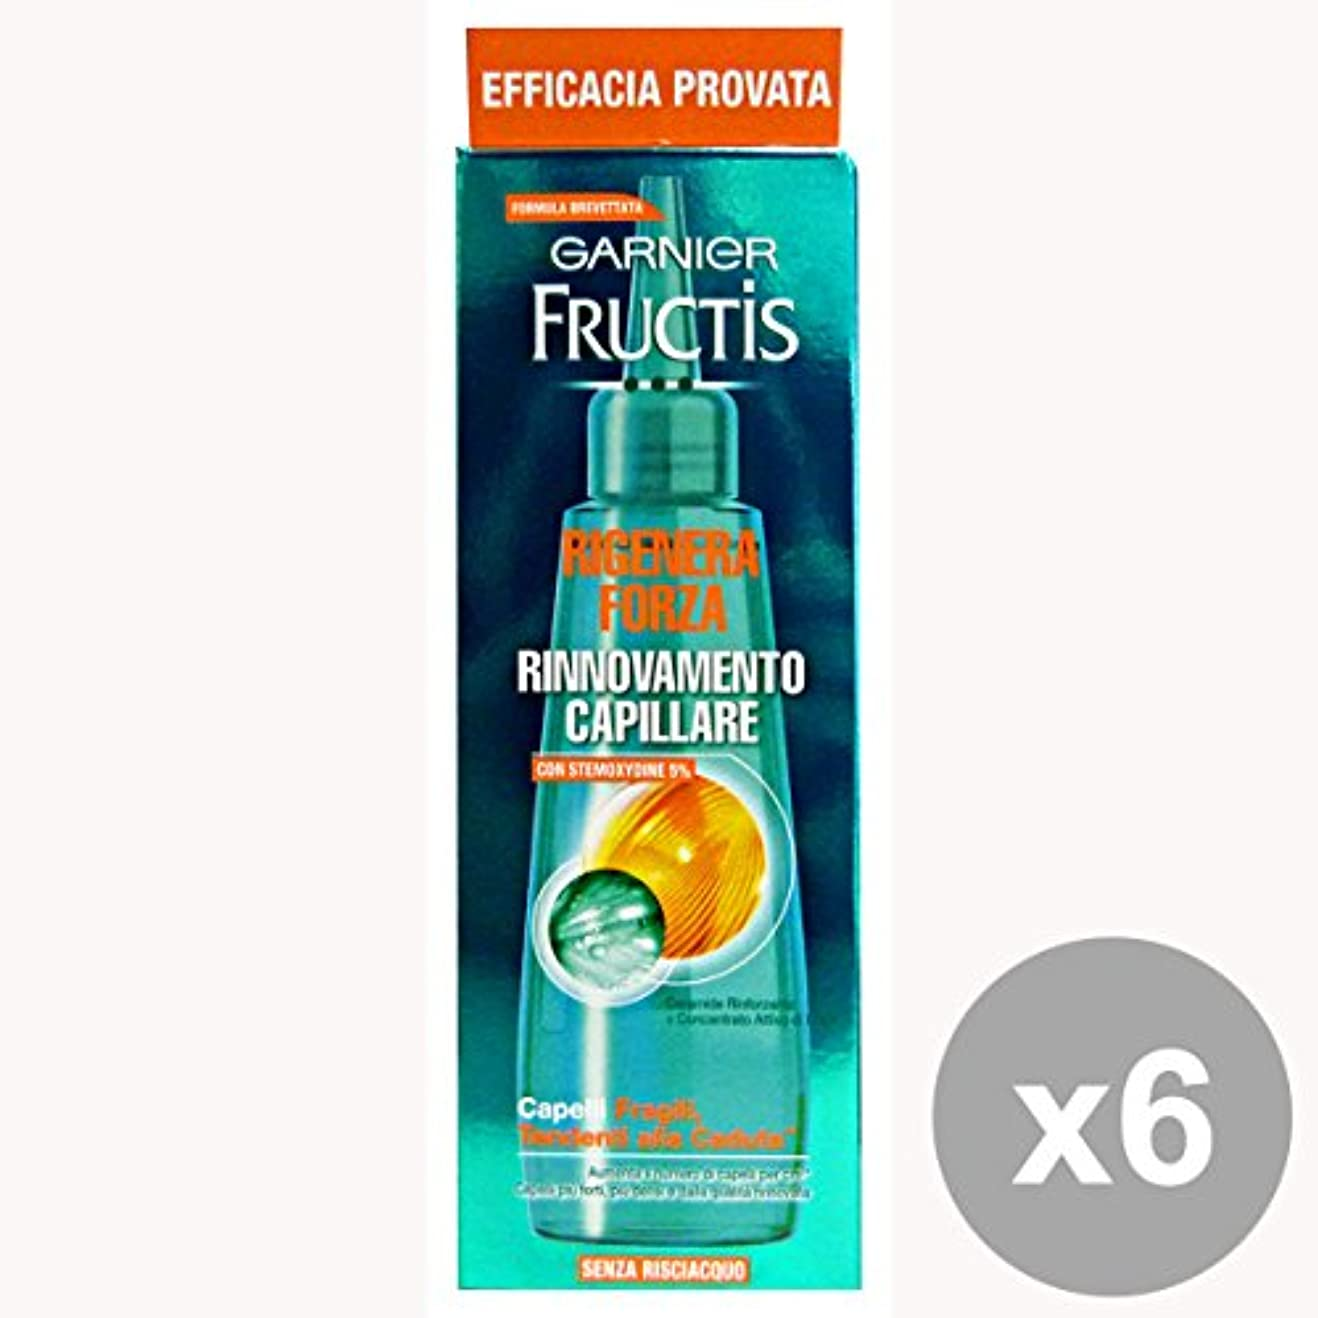 熟読するアドバンテージ災難GARNIER Set 6 Fructis Regenerieren Strength Lotion Erneuerungs Ohne Abspülen 84 Ml. Haar